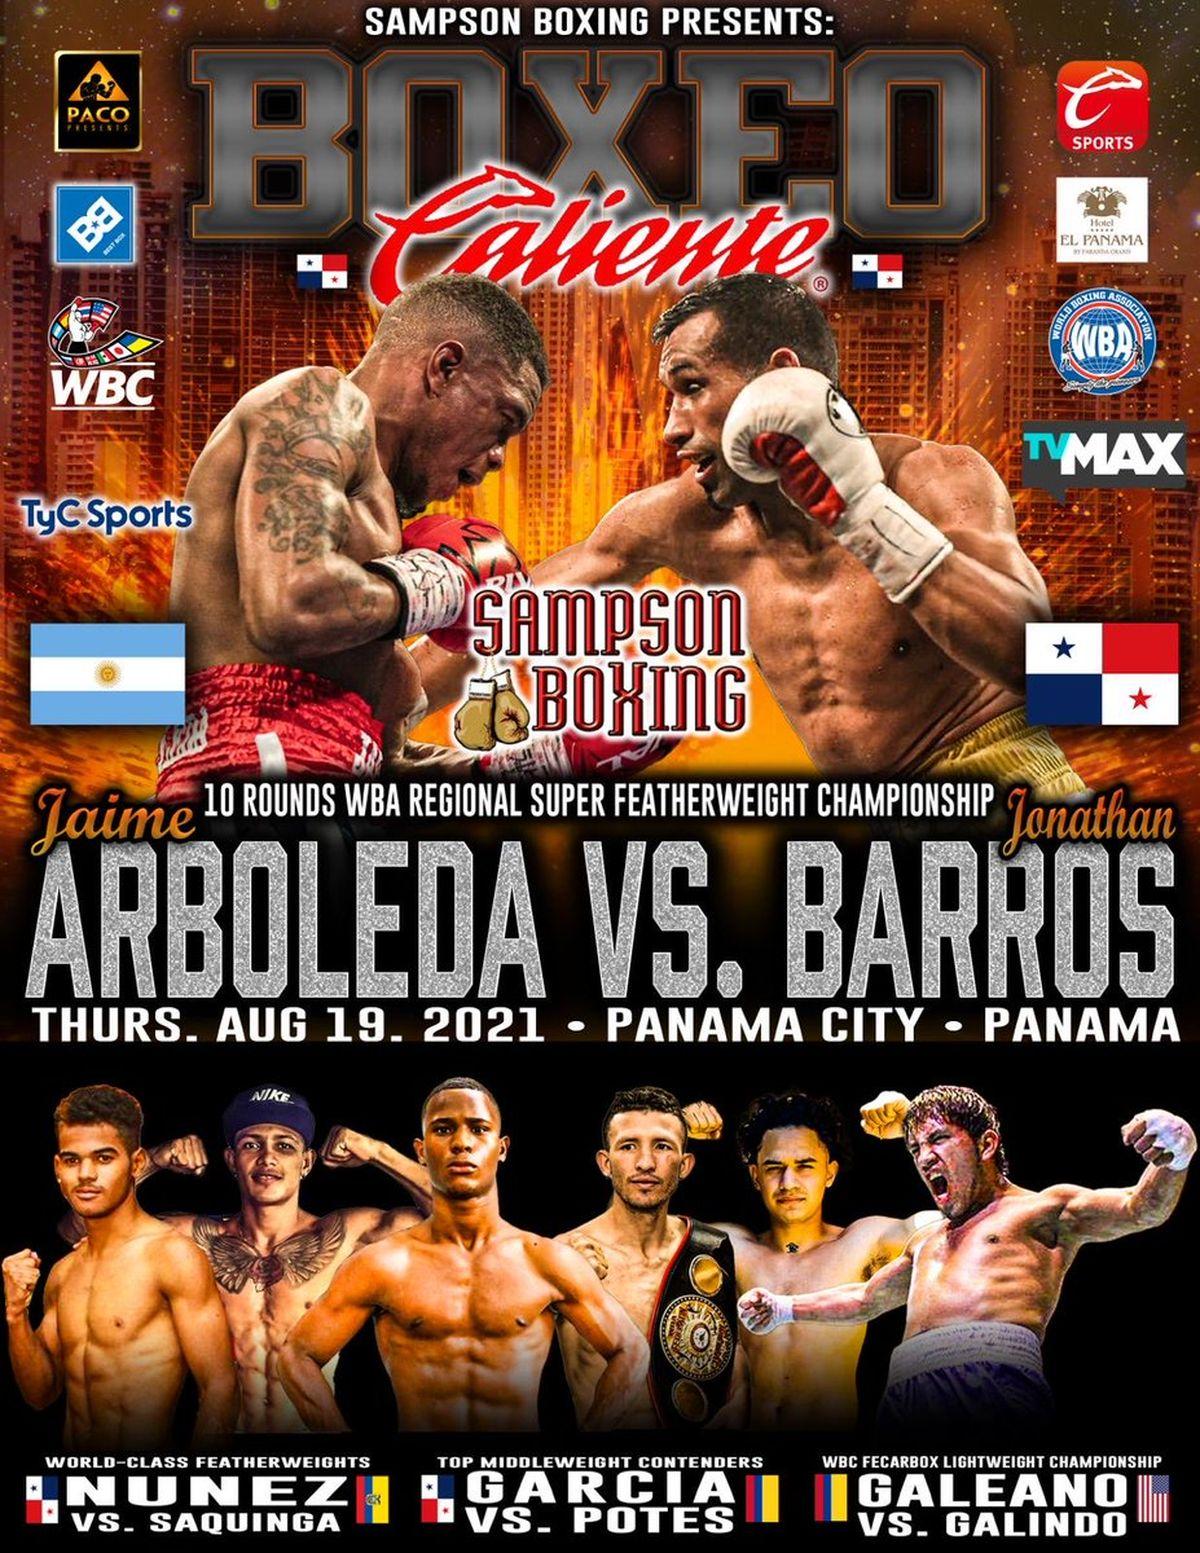 El anuncio del combate entre Jonathan Barros y Arboleda.